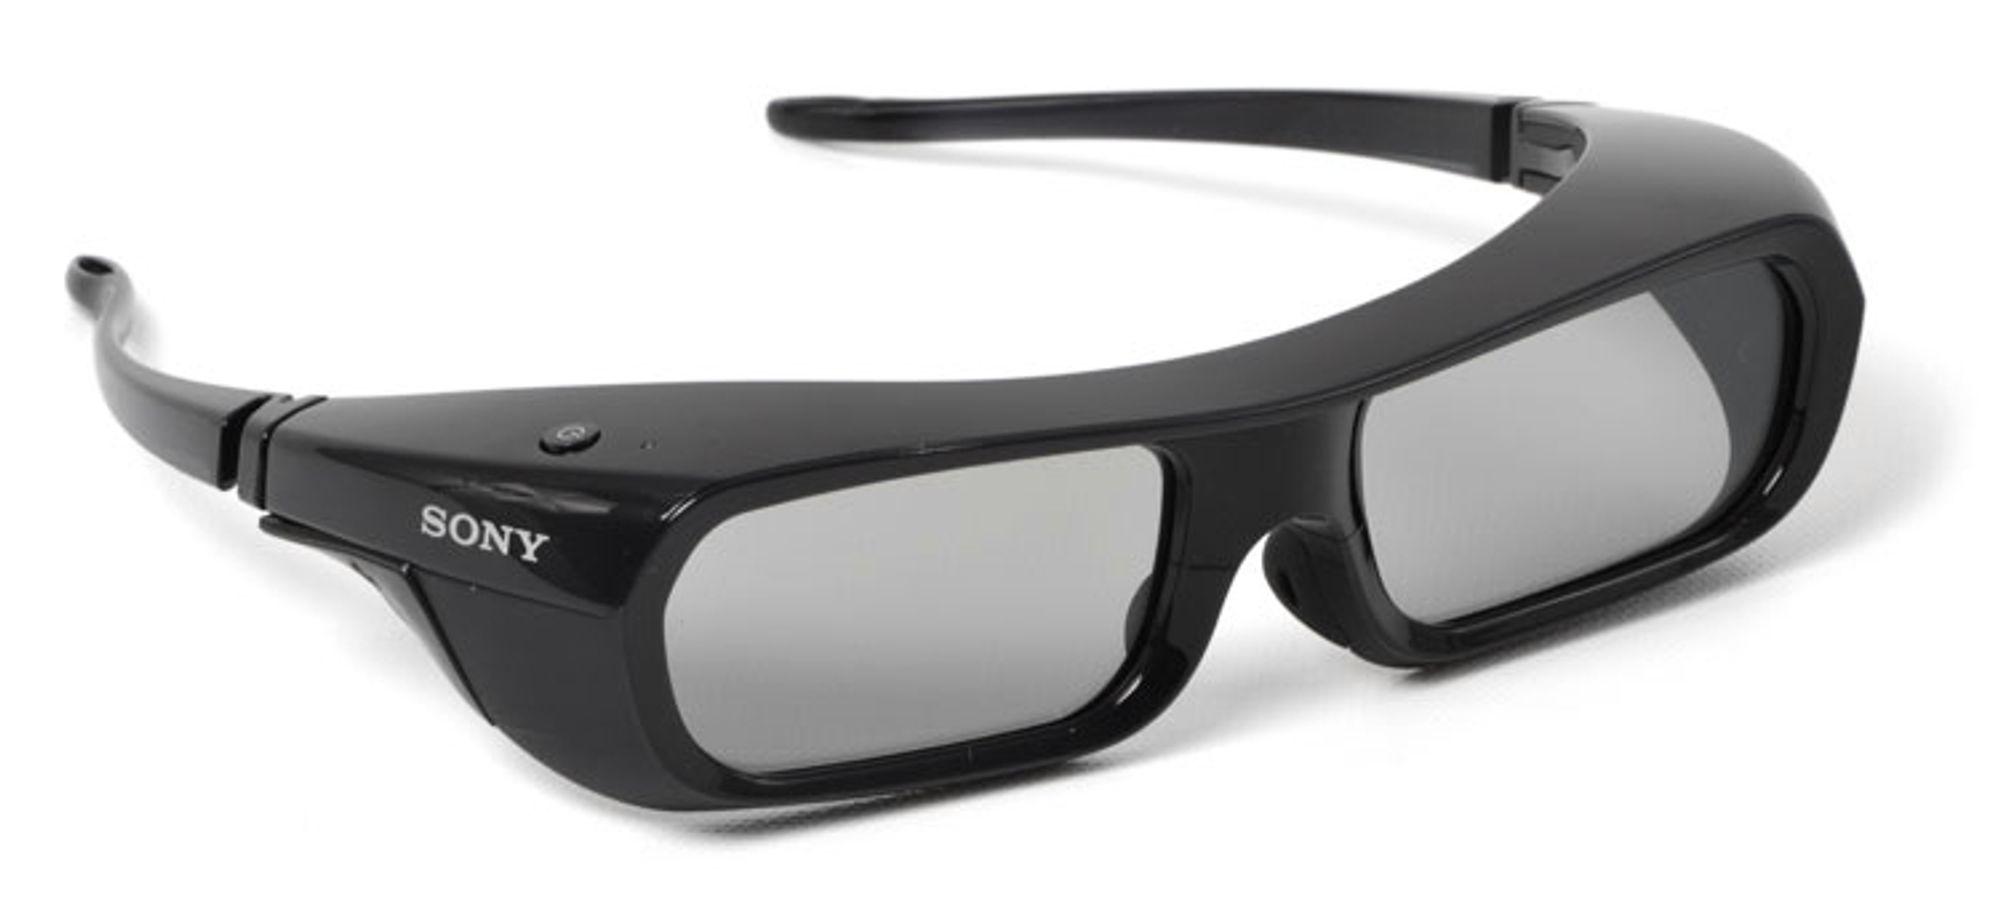 AKTIV 3D-KAMP: Sony, Panasonic og Samsung slår seg sammen med selskapet X6D Limited for å lage en felles standard for aktive 3D-briller.